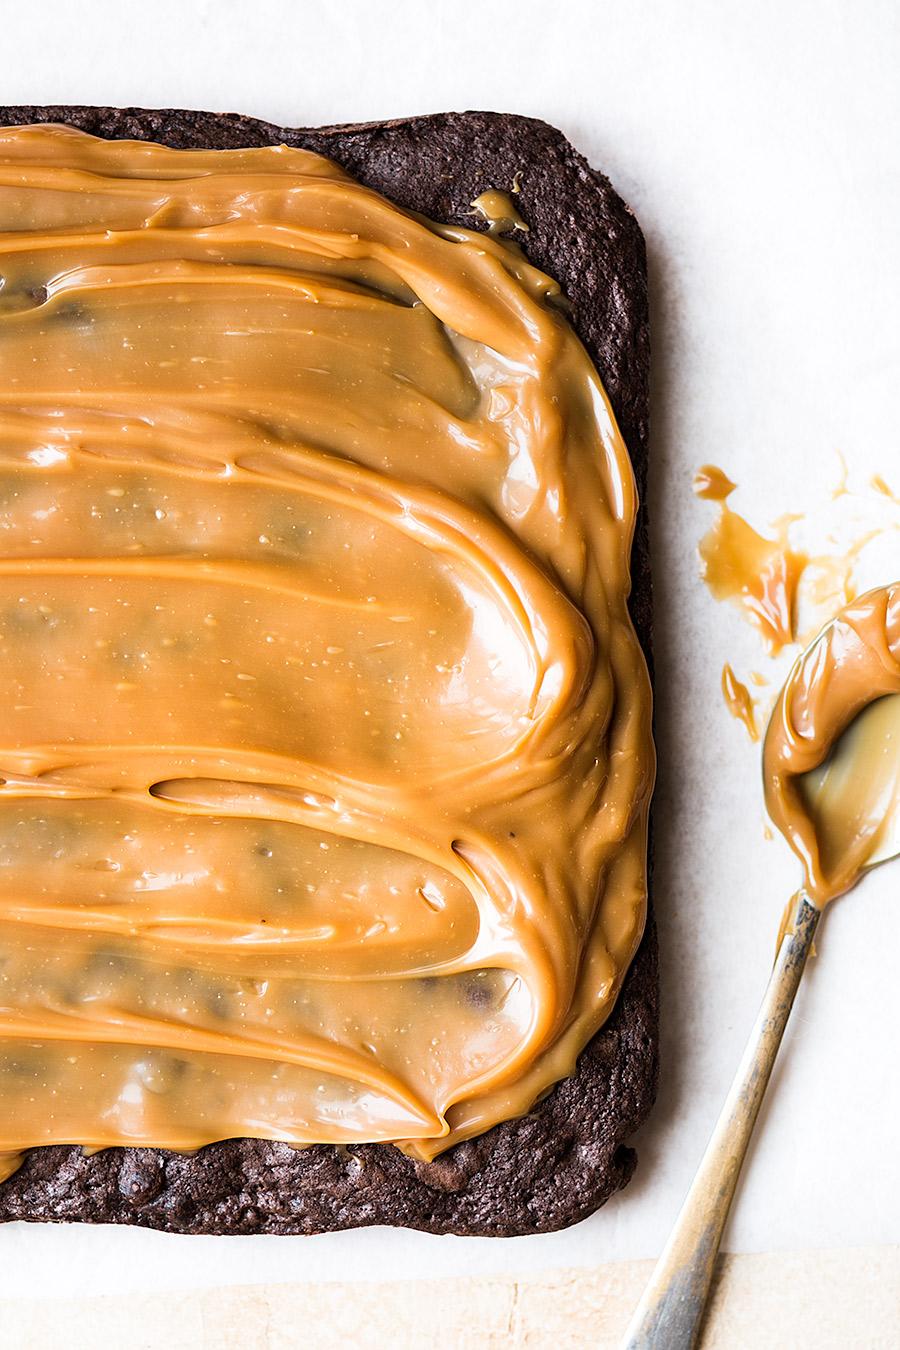 Pretzel caramel pecan brownies by Laura Domingo